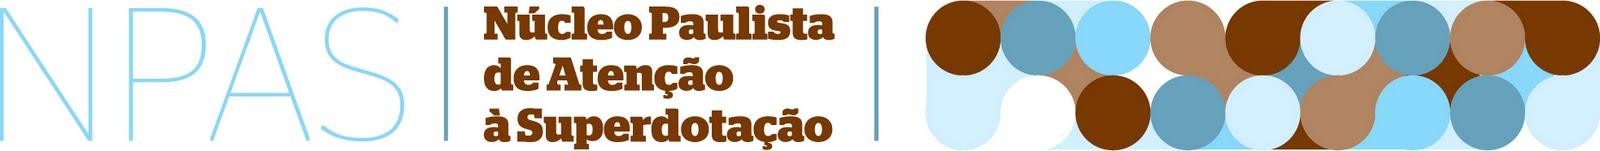 núcleo paulista de atenção à superdotação